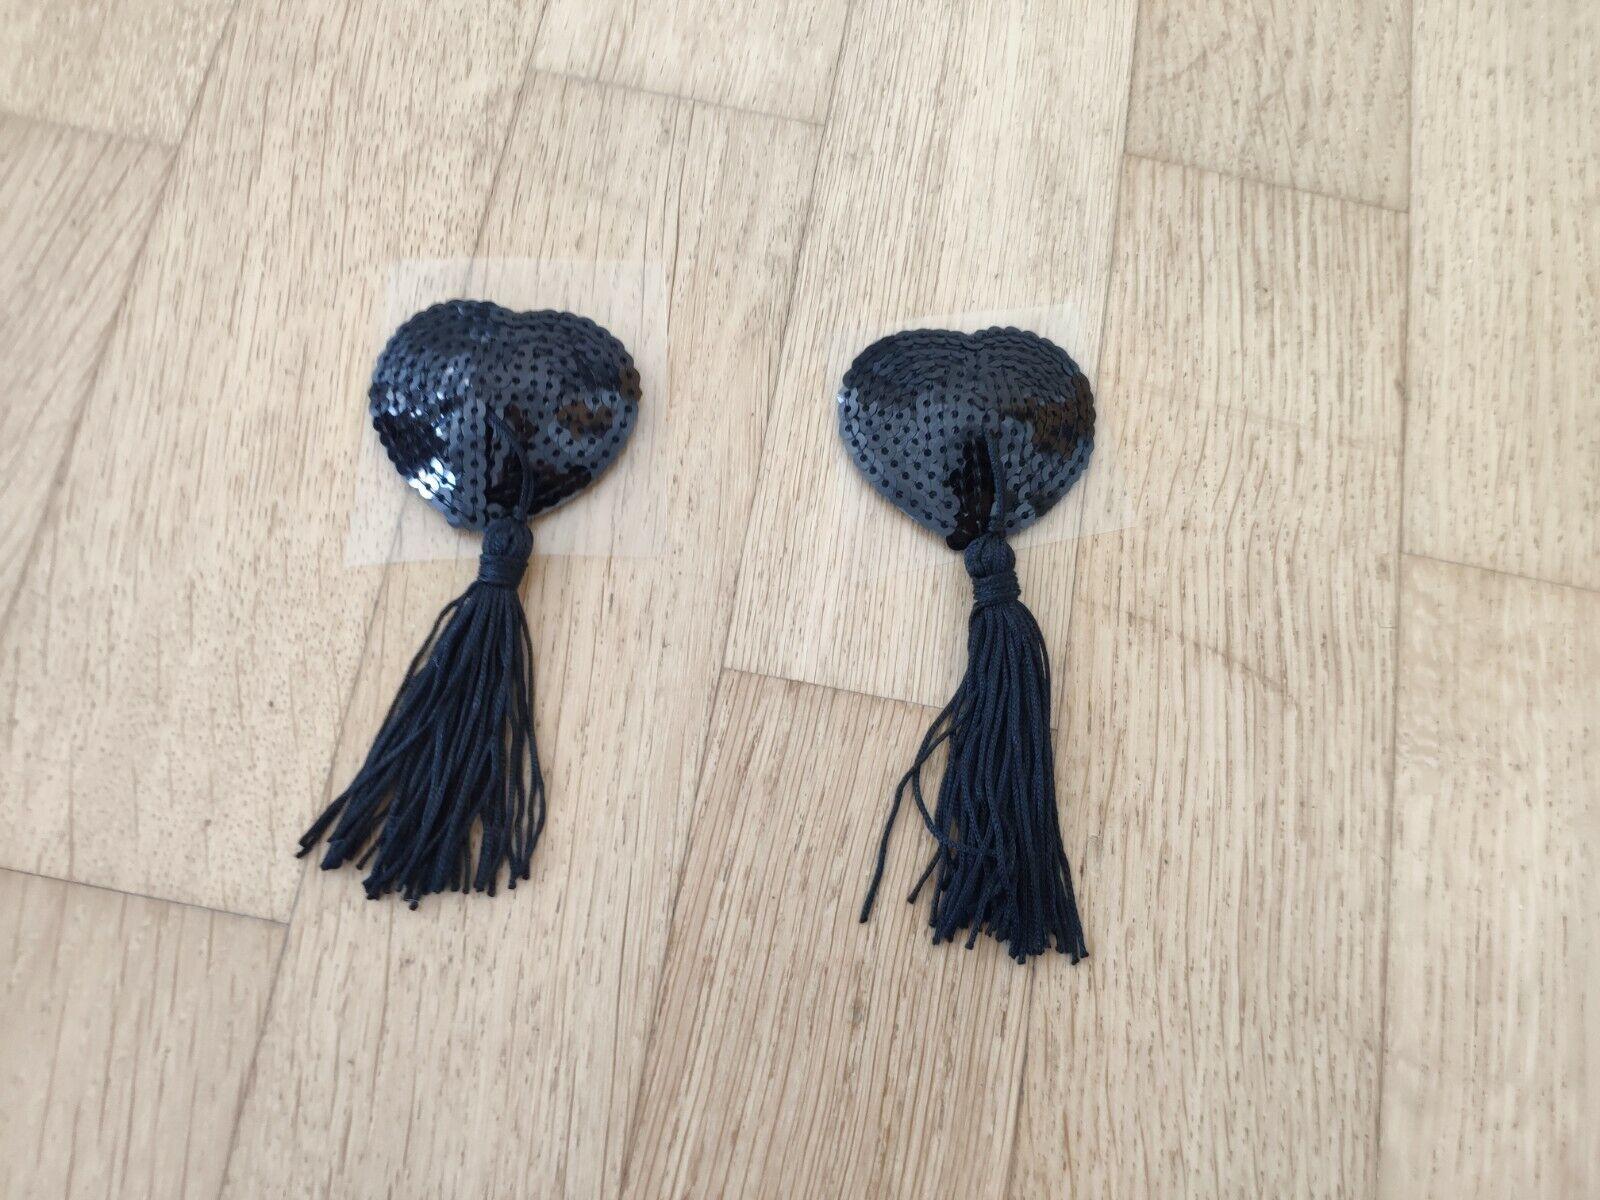 1 Paar Nippelcover Herz mit Tassel schwarz selbstklebend Brustwarzenabdeckung